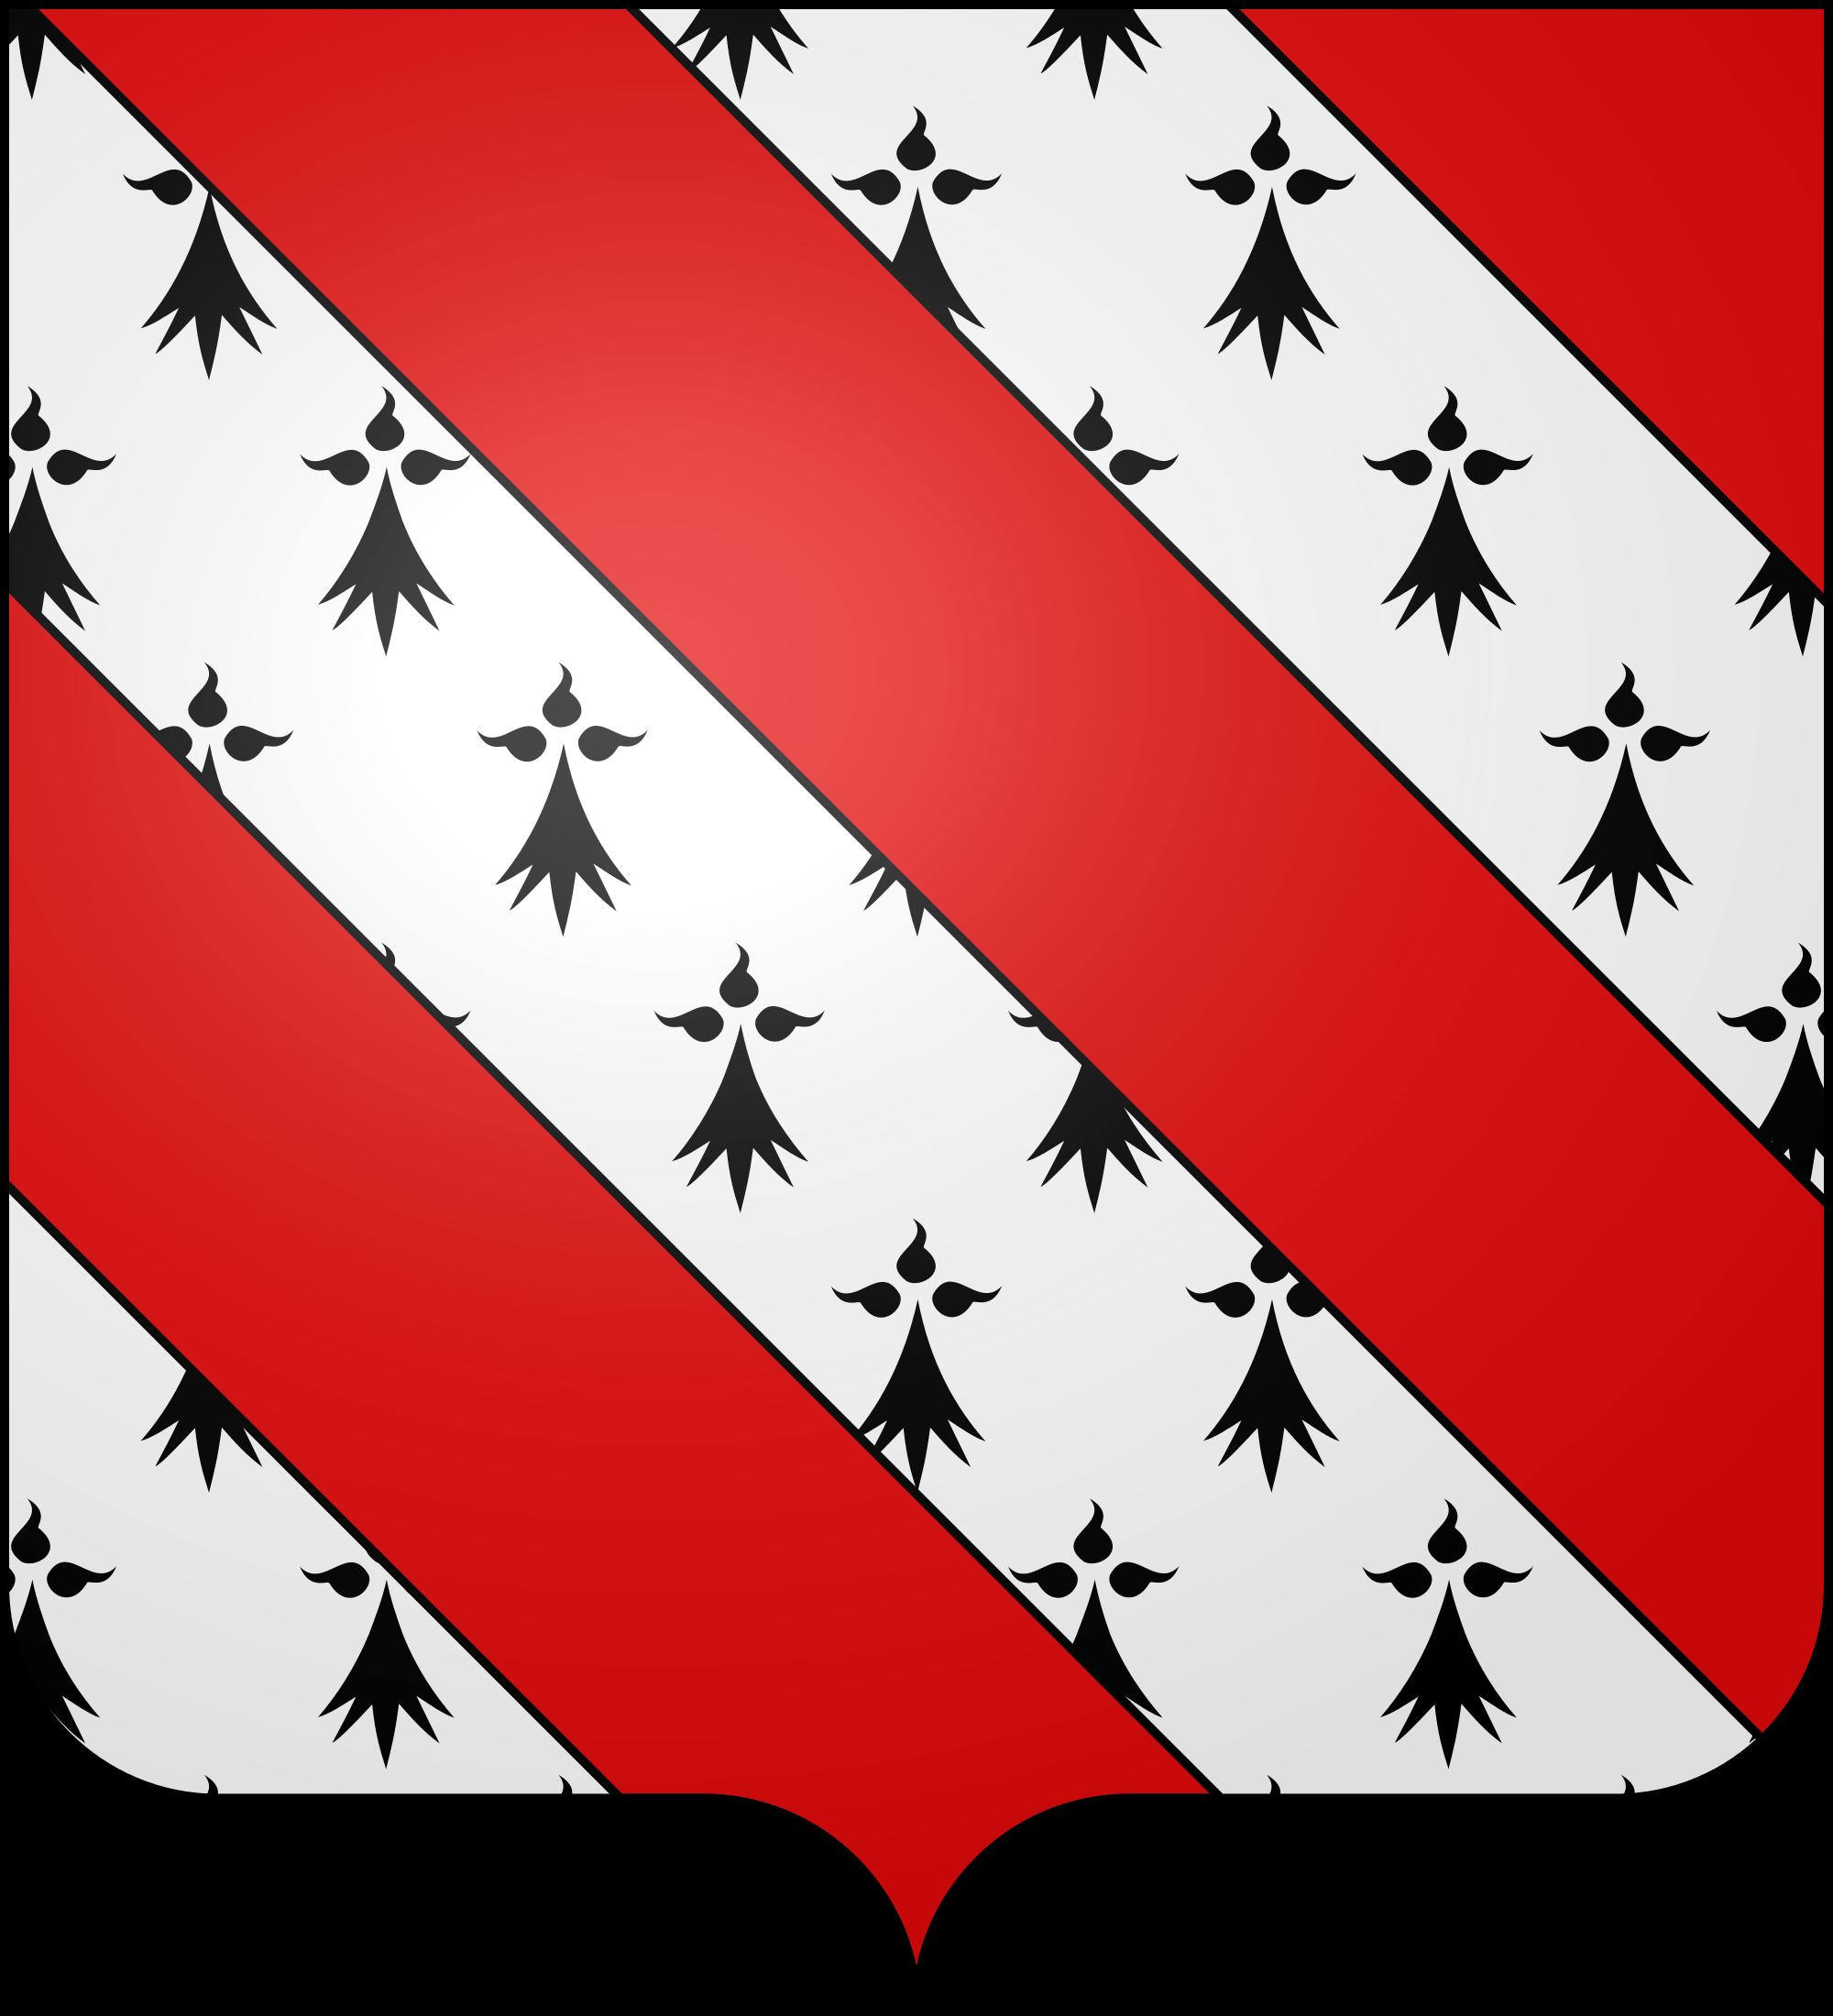 File:Blason de la ville de Trélévern (Côtes.